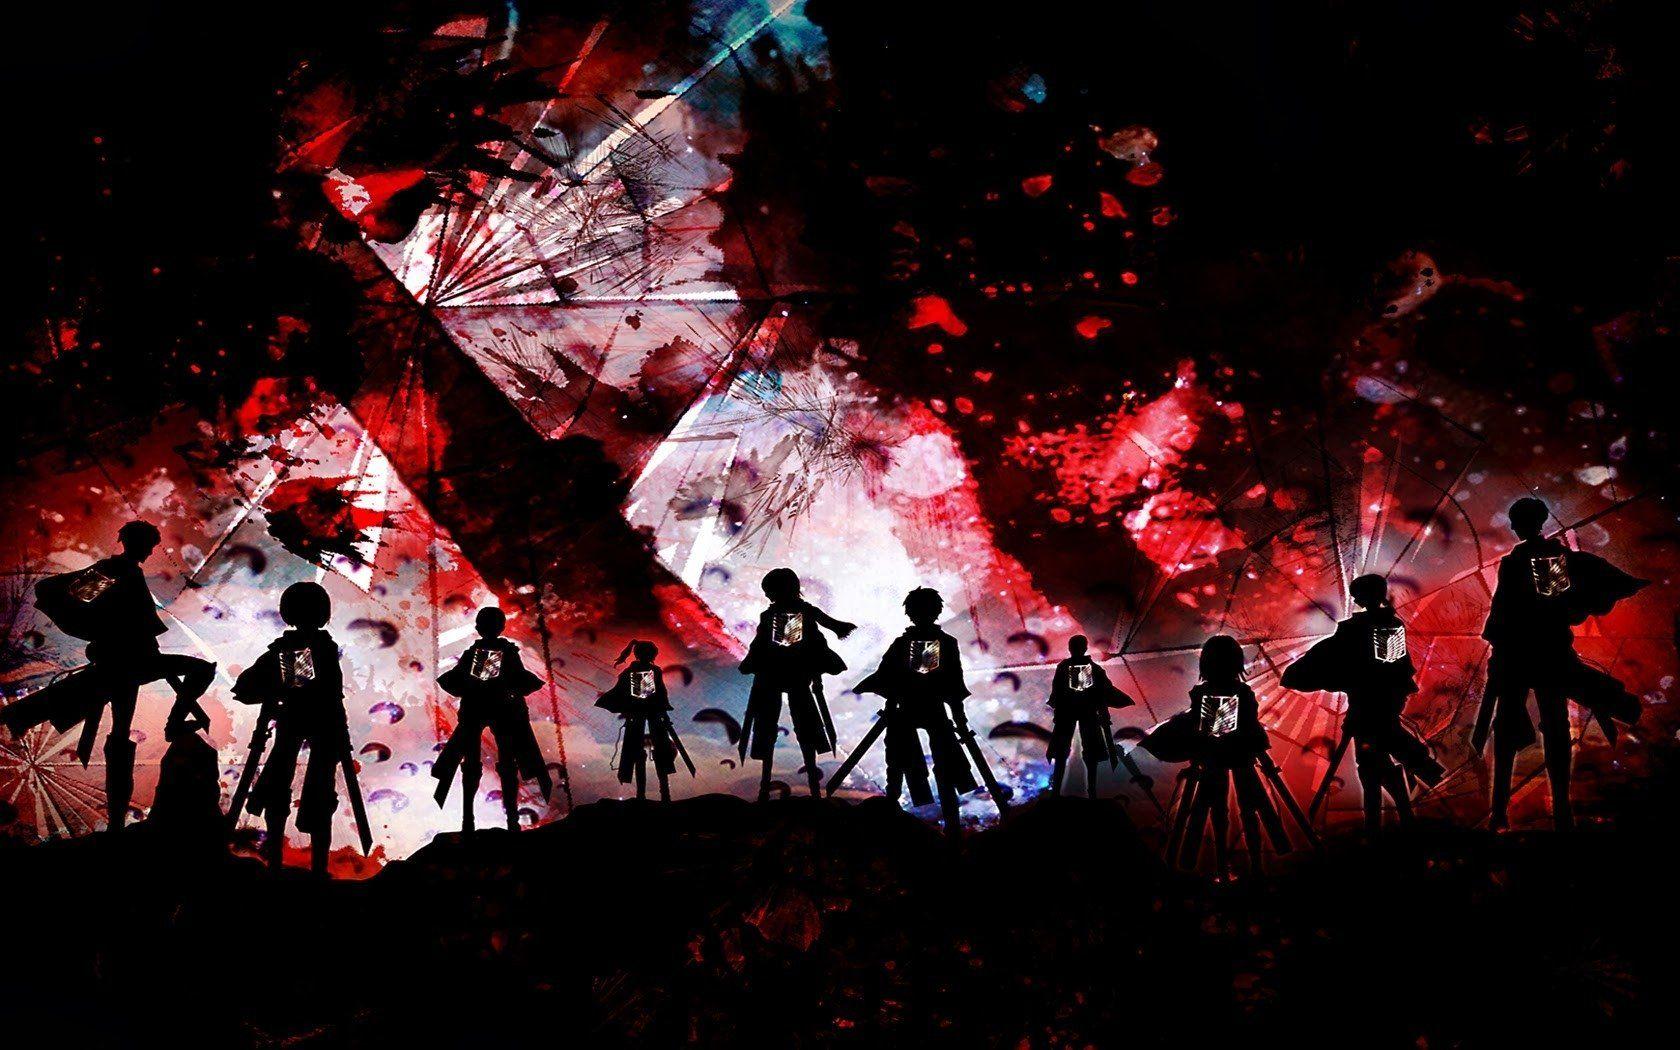 Anime Attack On Titan Shingeki No Kyojin Eren Yeager Jean Kirstein Mikasa Ackerman Sasha Blouse Ymir Attack On Titan Anime Attack On Titan Attack On Titan Art